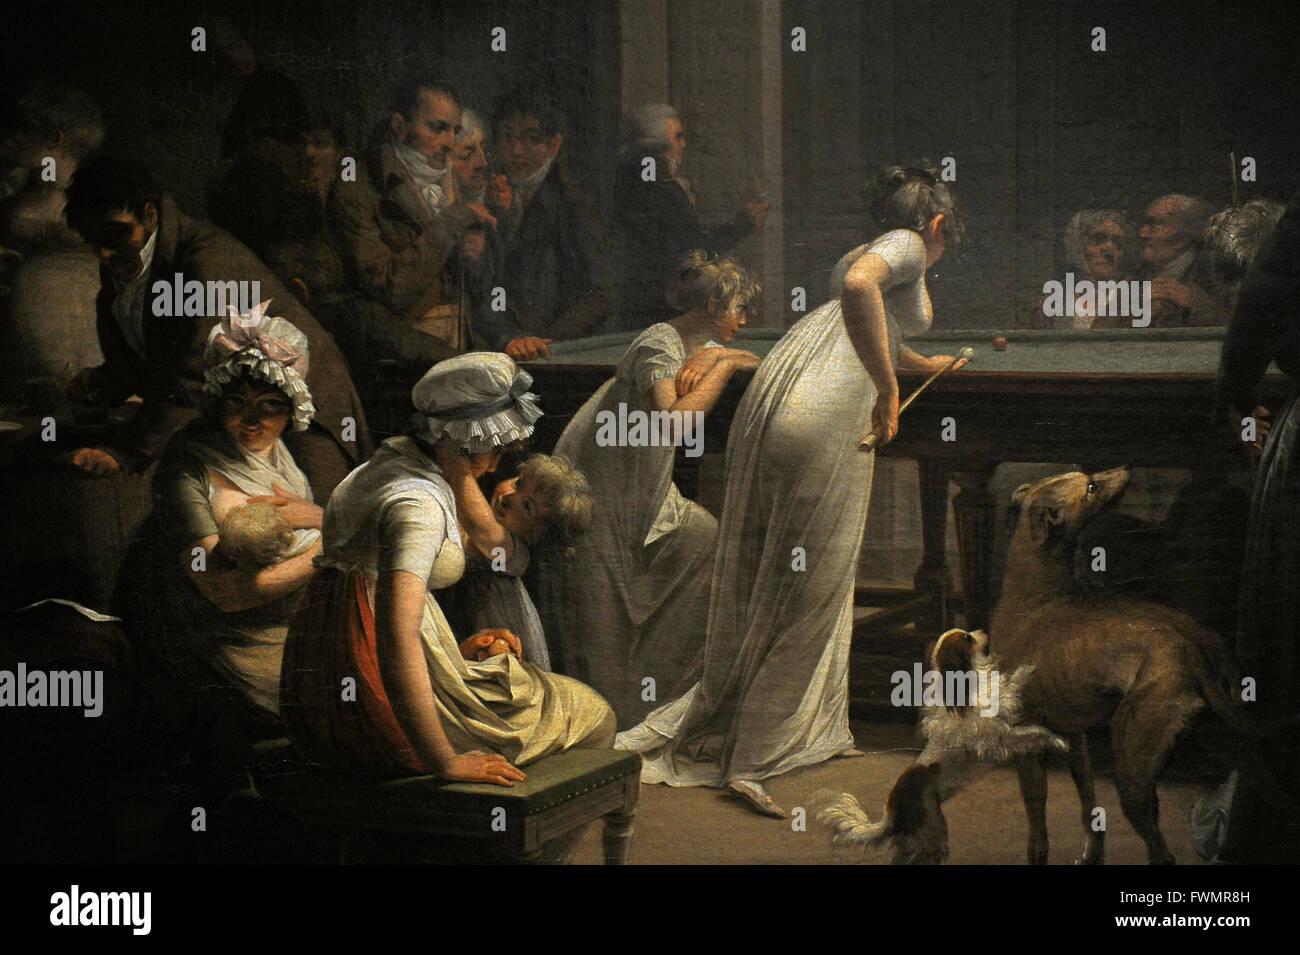 Louis Leopold Boilly (1761-1845). Französischer Maler. Spiel Billard, 1807. Detail. Öl auf Leinwand. Die Eremitage. Stockfoto